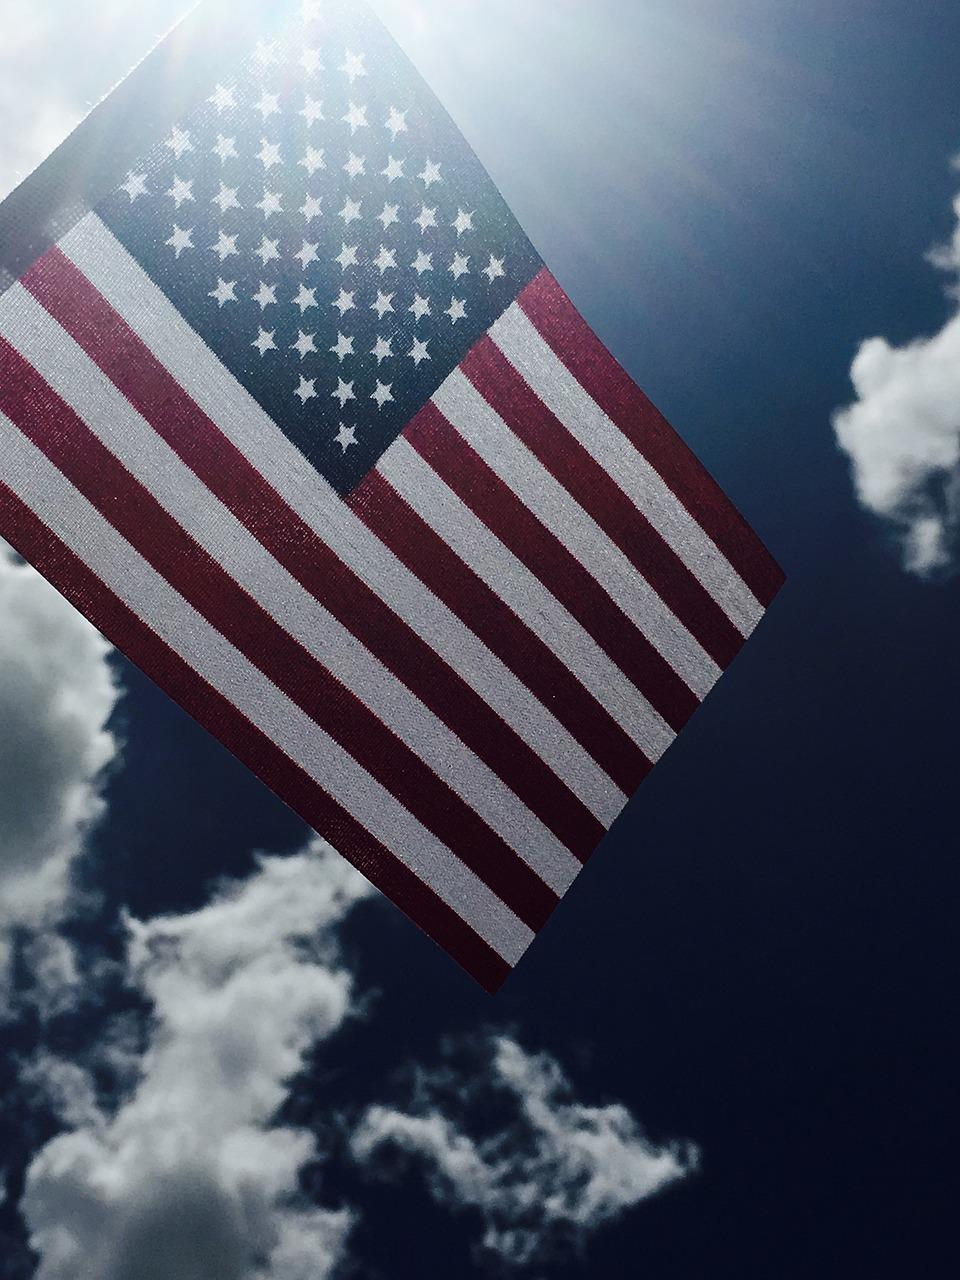 Имя слава, прикольные картинки американский флаг